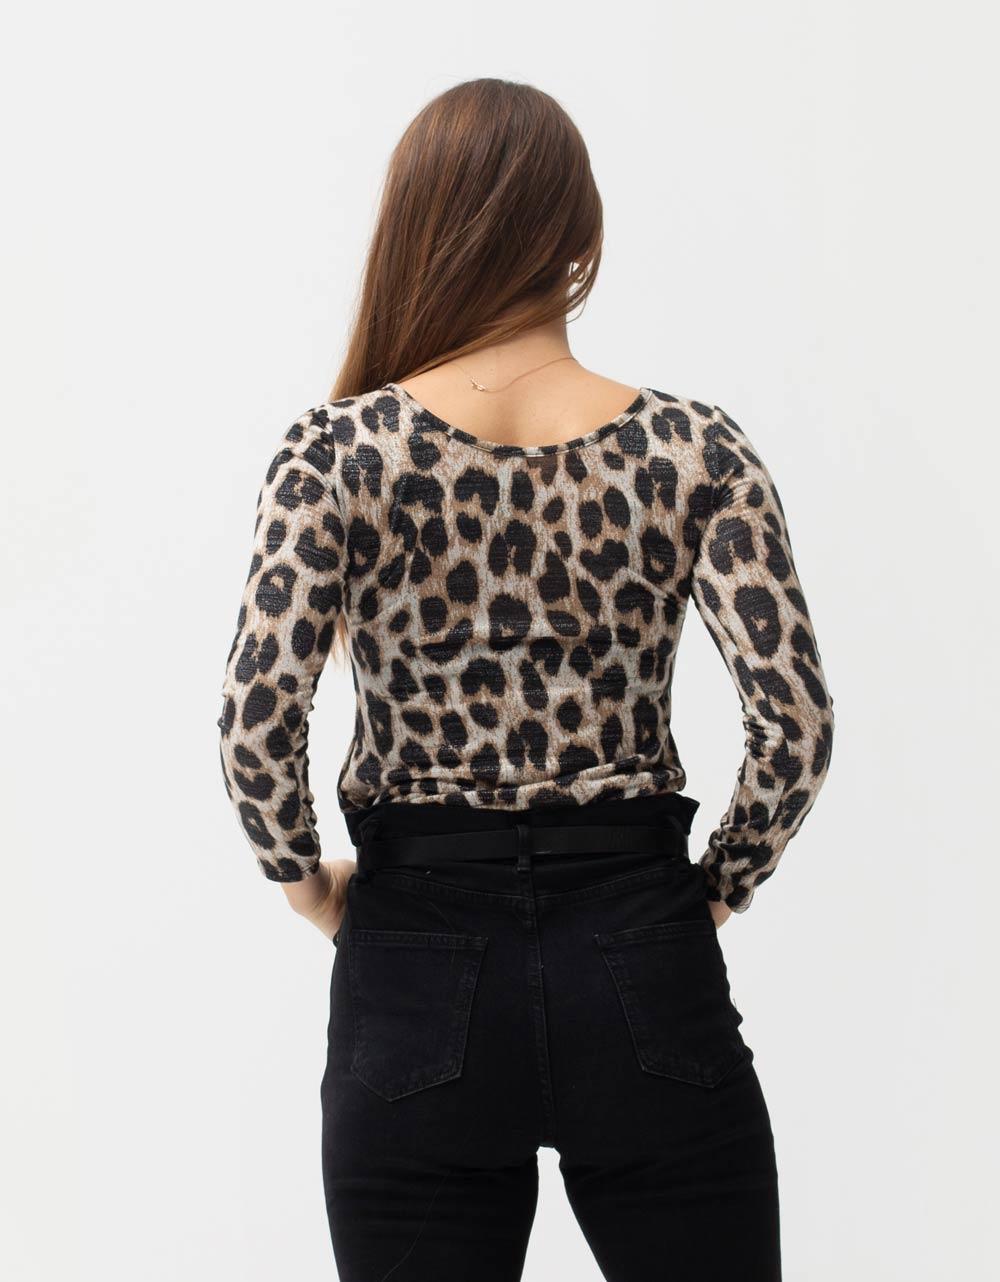 Εικόνα από Γυναικεία μπλούζα με animal print Μαύρο/Λεοπάρ